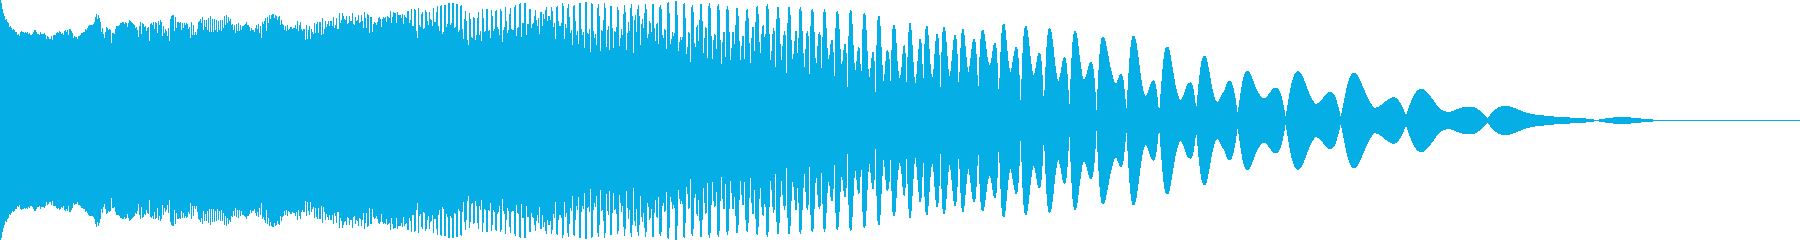 映画風のインパクト・衝撃音「ドーン」の再生済みの波形